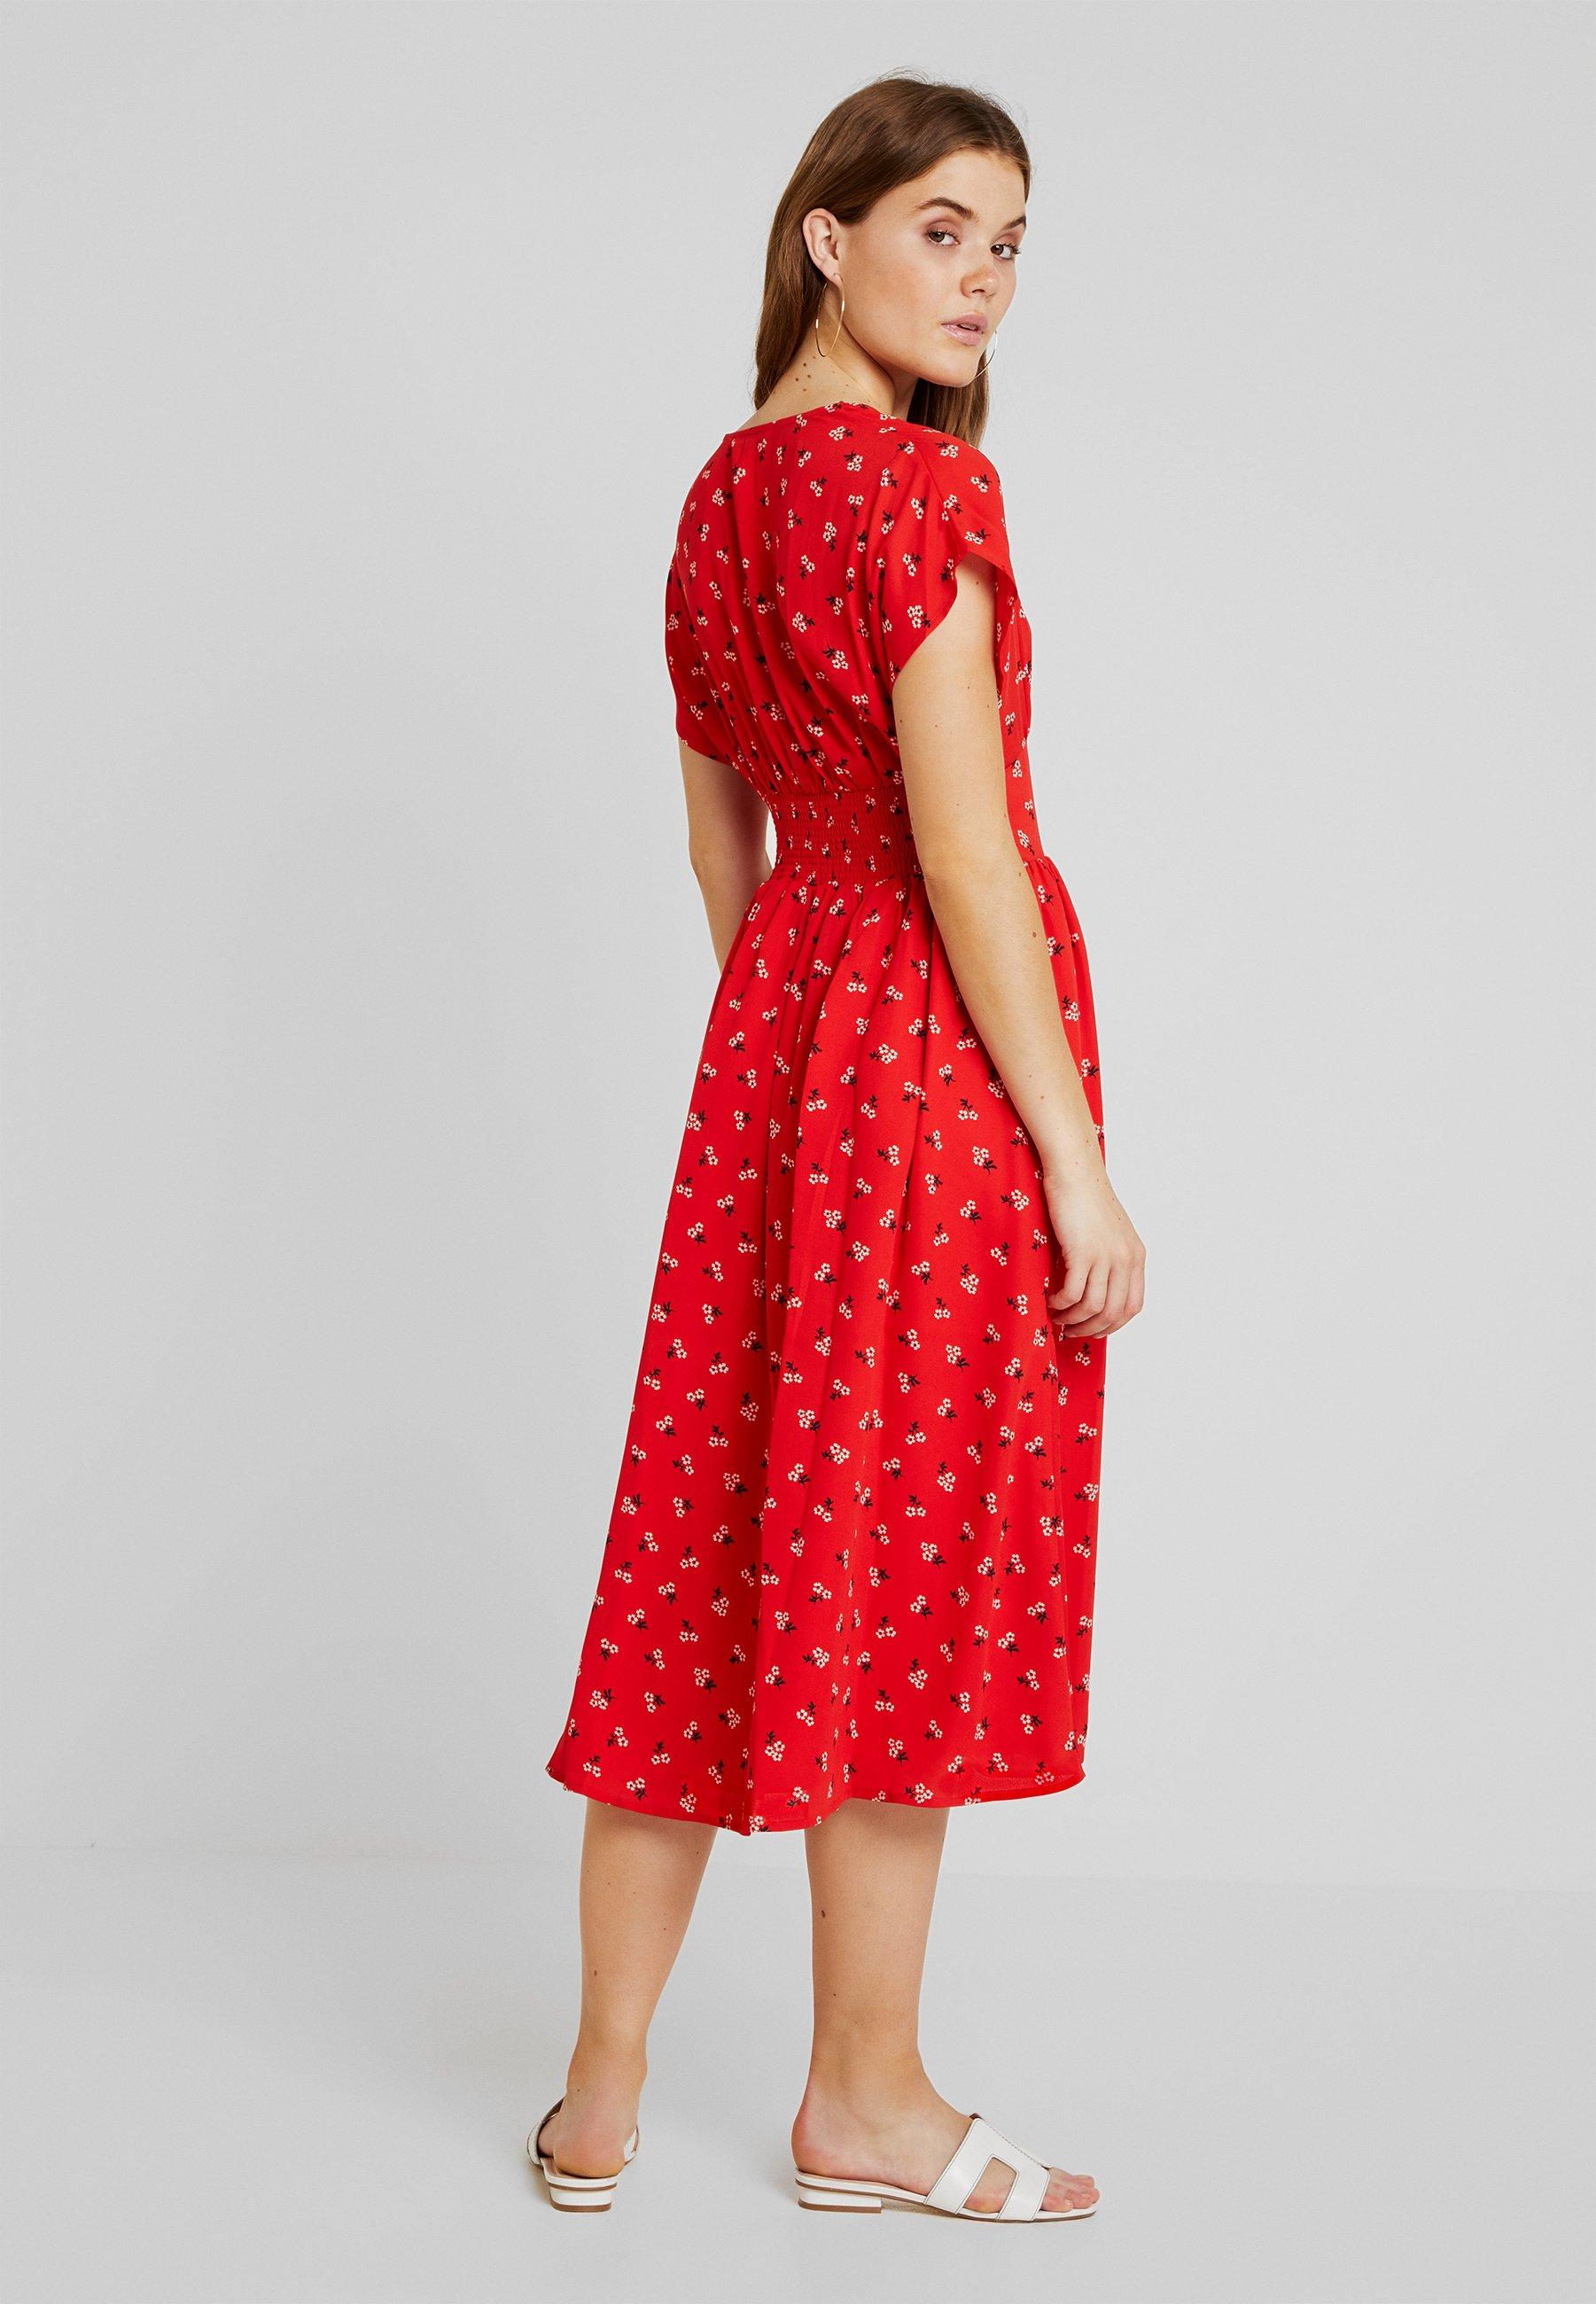 Red Detail Waist Jeans DressRobe Midi Tommy D'été PkuiXZTO